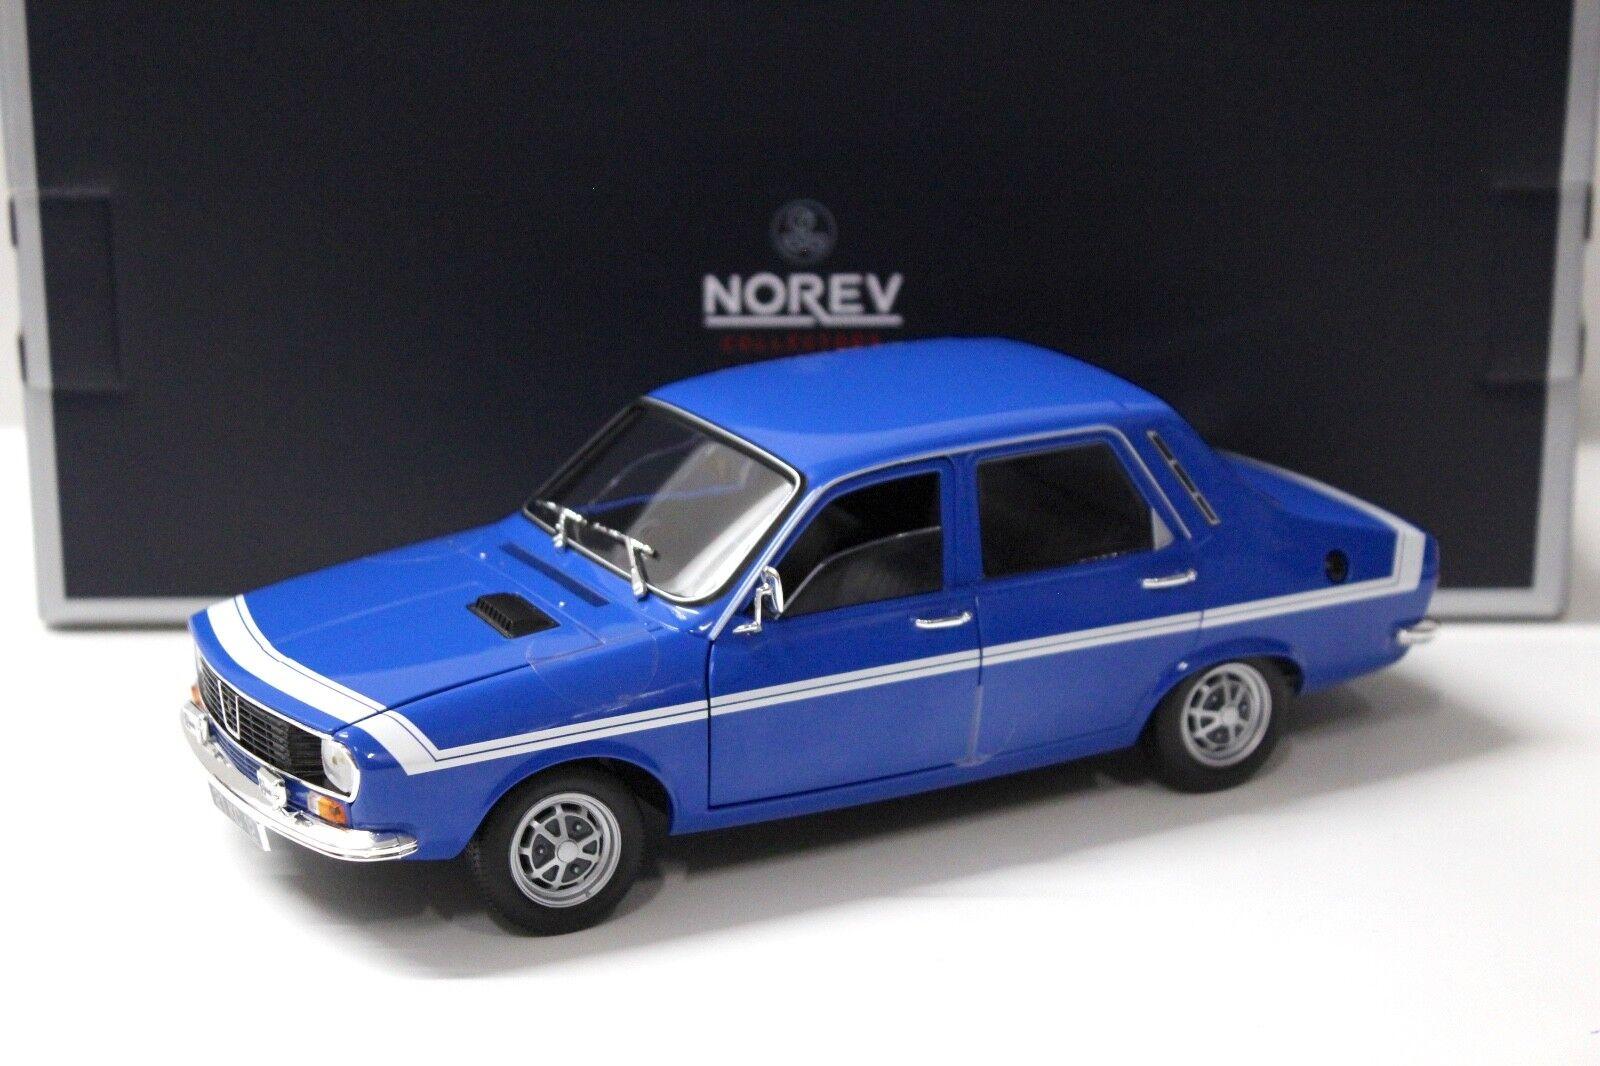 Fuxi double à, viens! 1:18 Norev Renault 12 Gordini 1971 Blue New chez Premium-modelcars | Ingénieux Et Pratique  | élégant  | Fiable Réputation  | Faible Coût